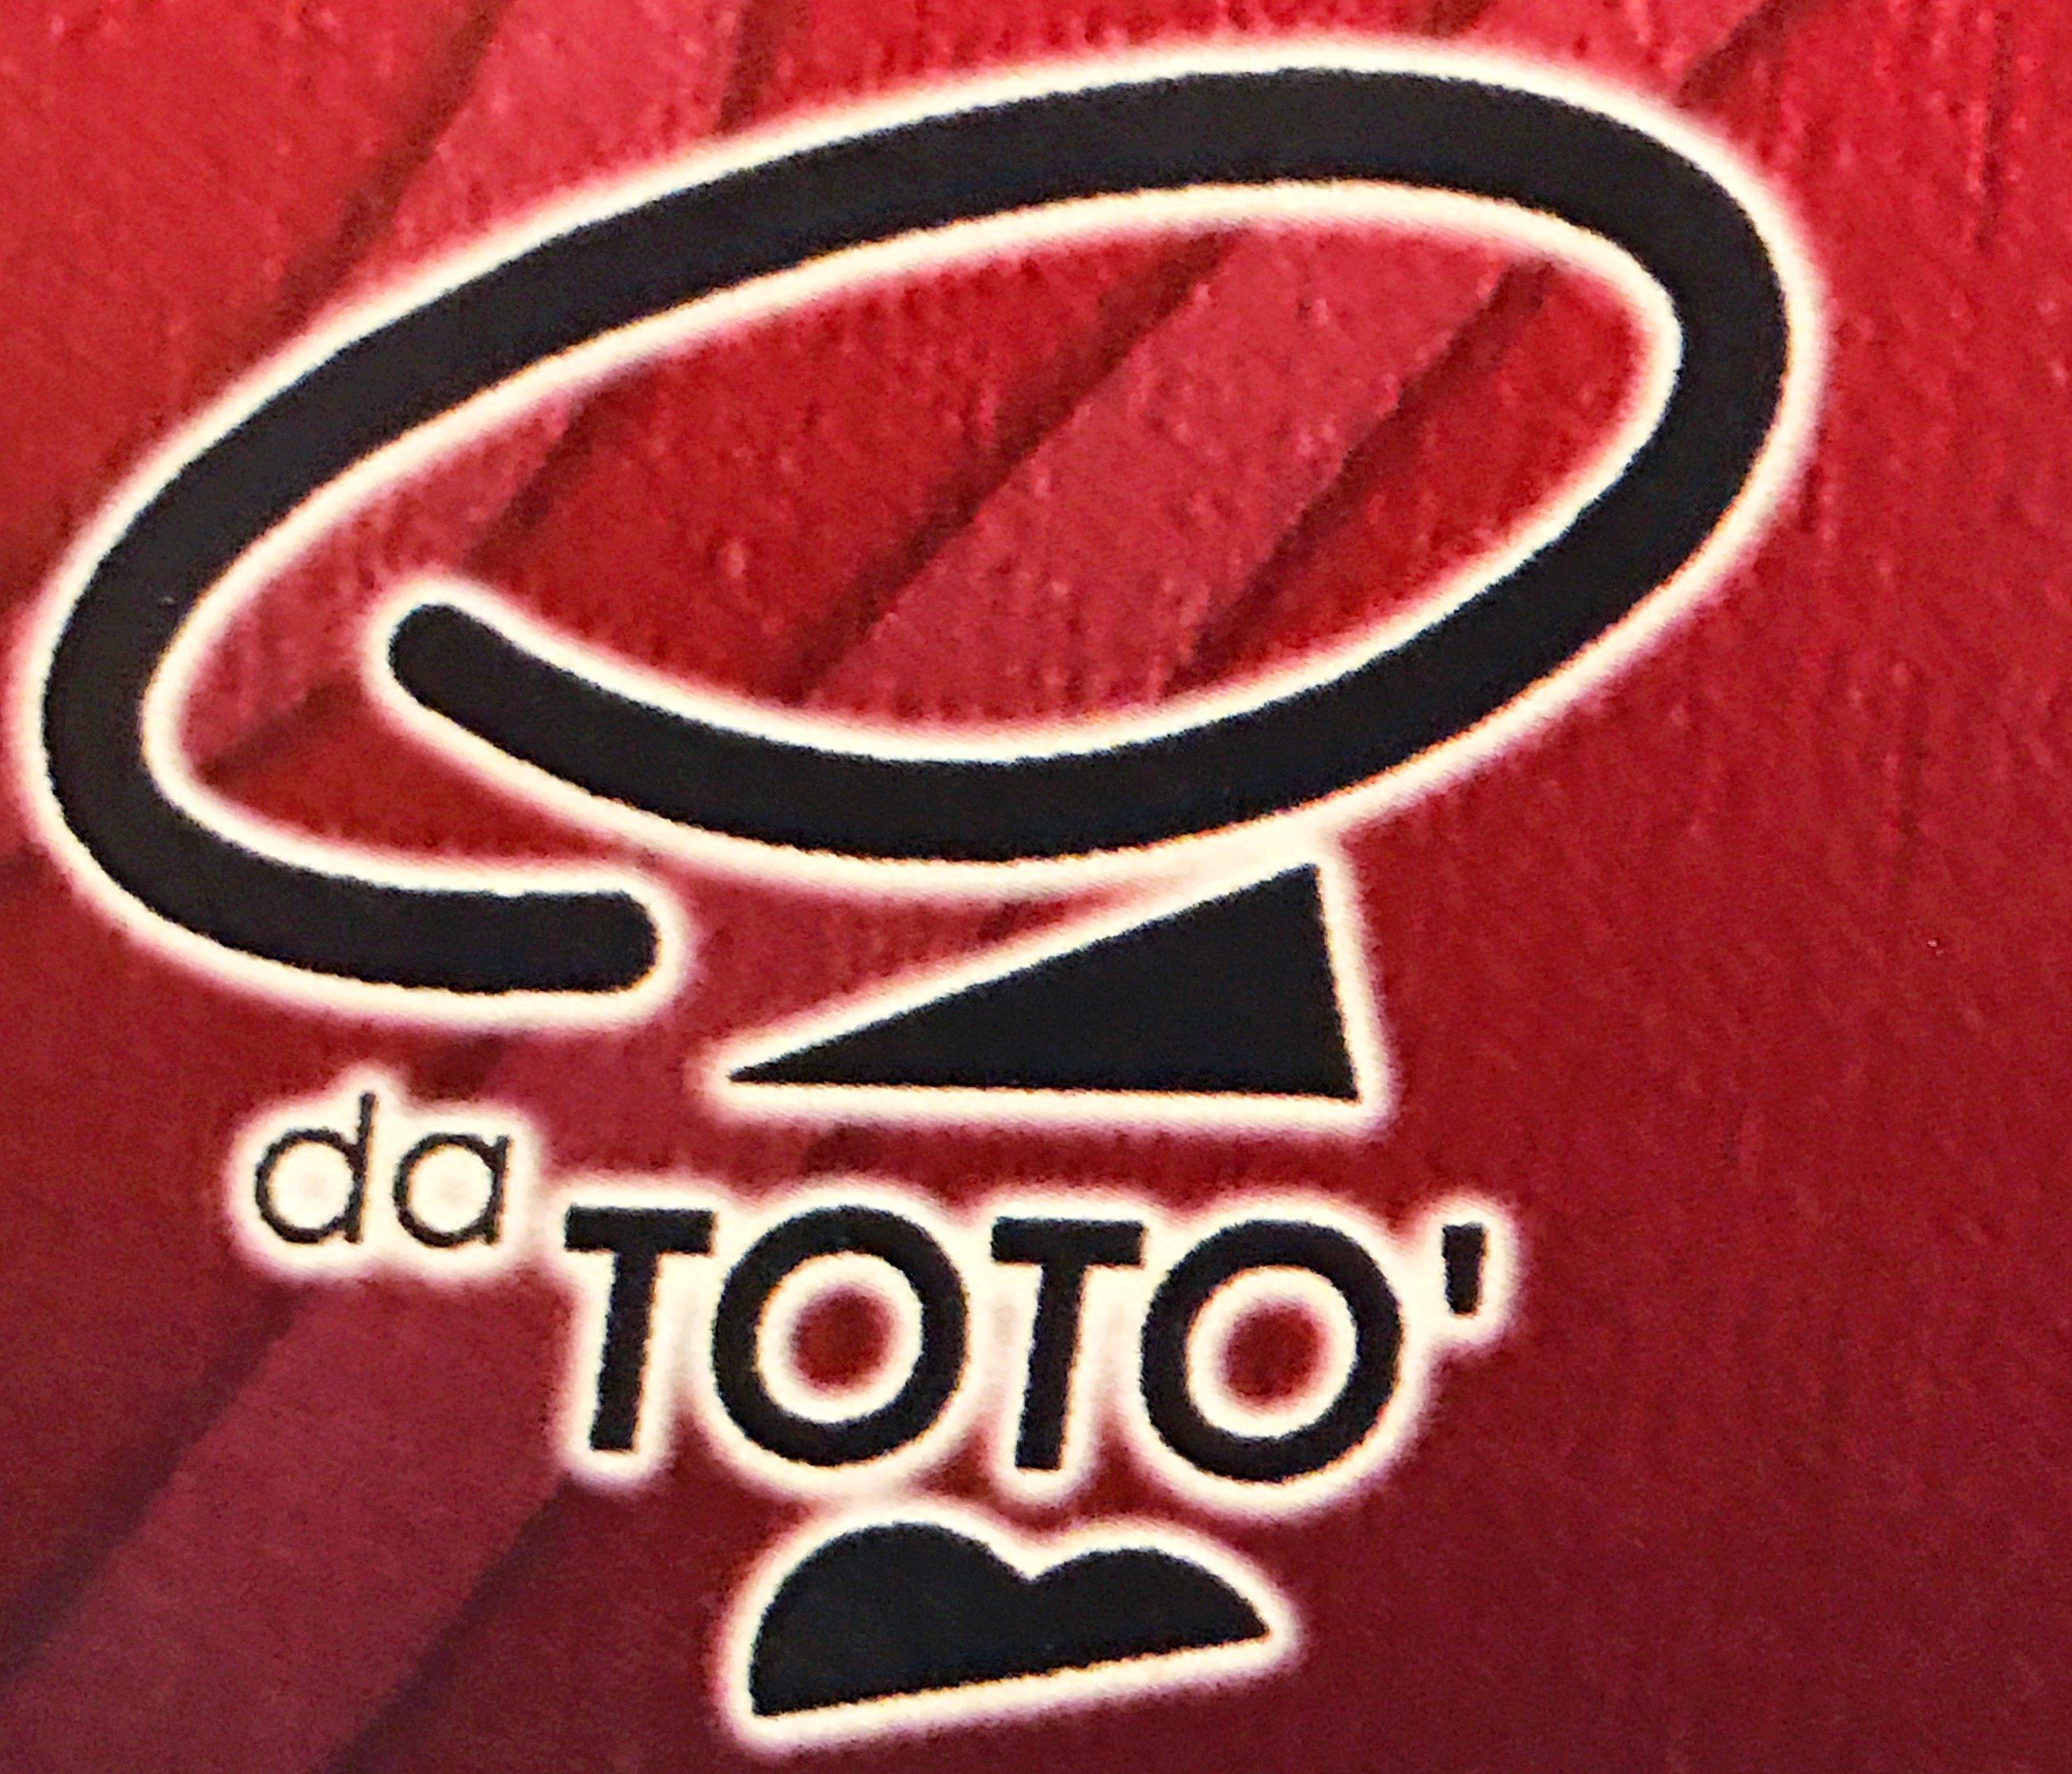 Ristorante Pizzeria da Toto' - Logo